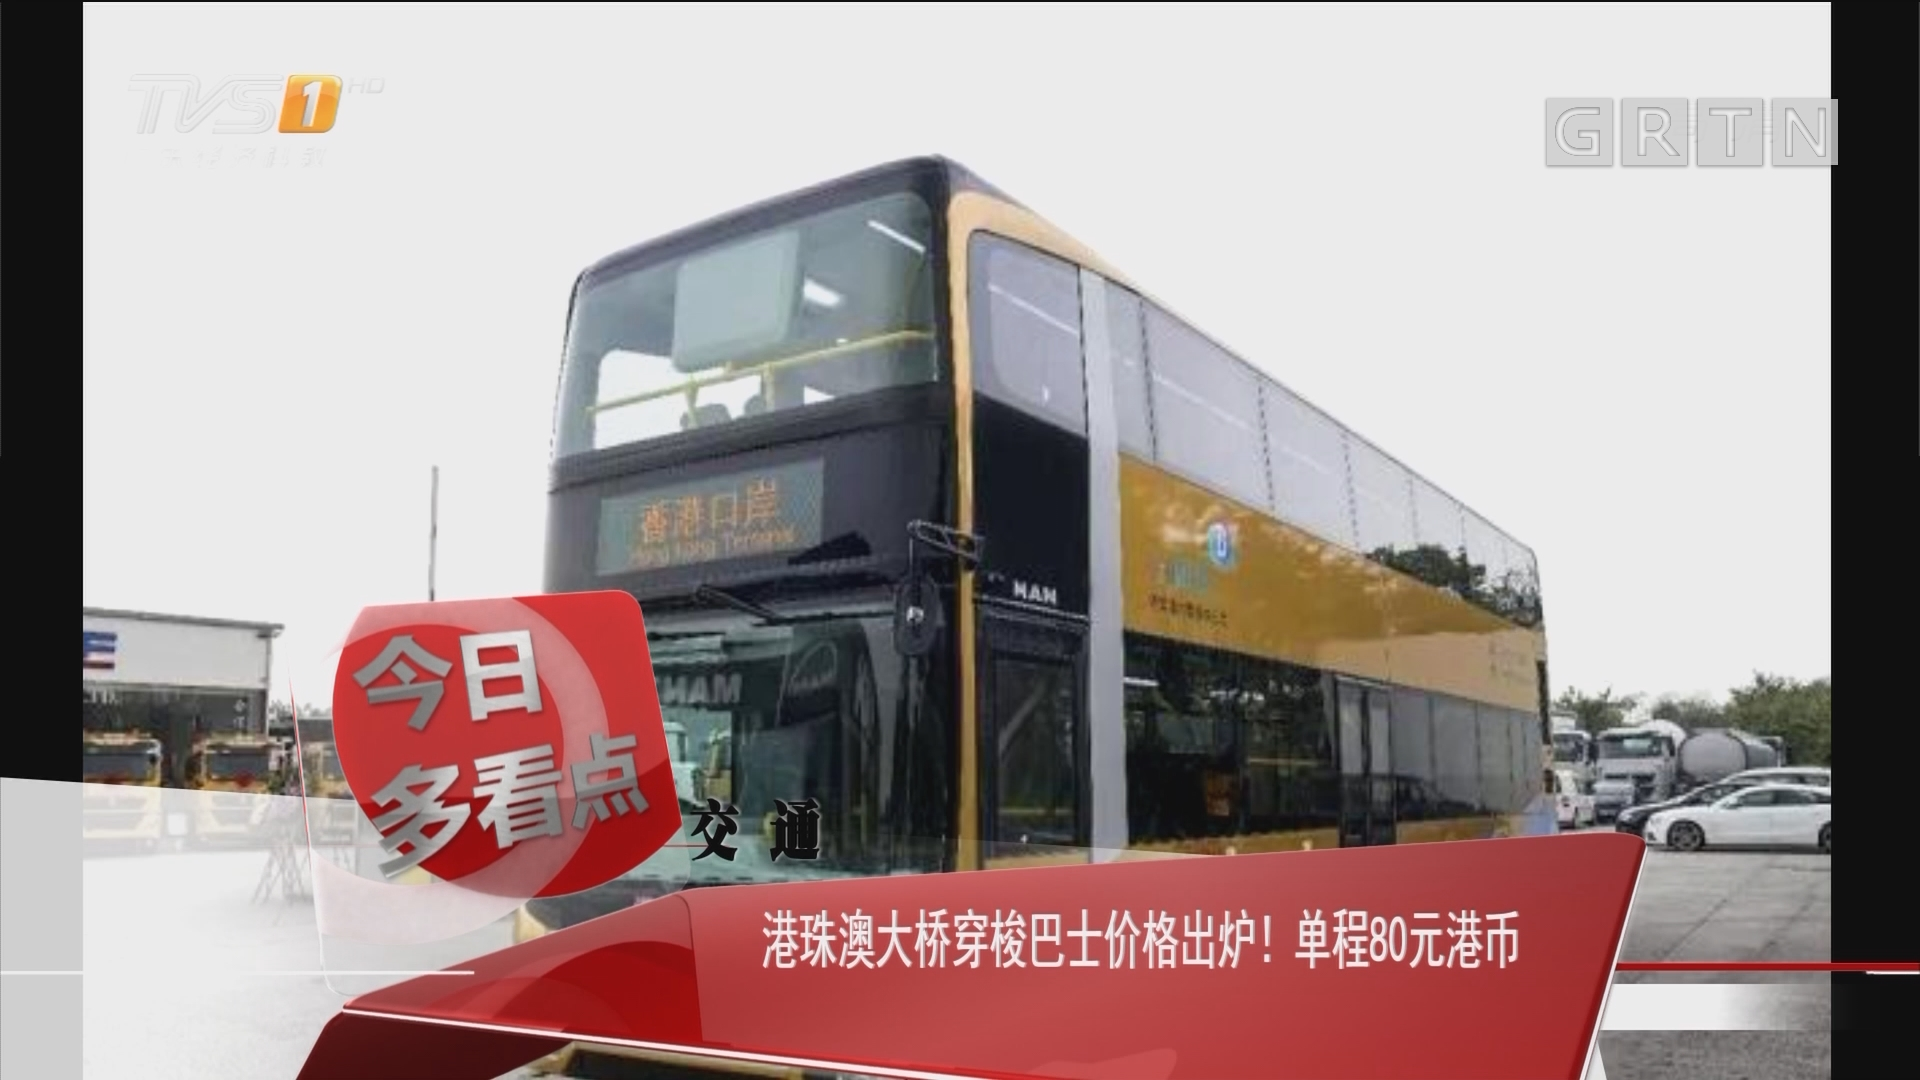 交通:港珠澳大桥穿梭巴士价格出炉!单程80元港币